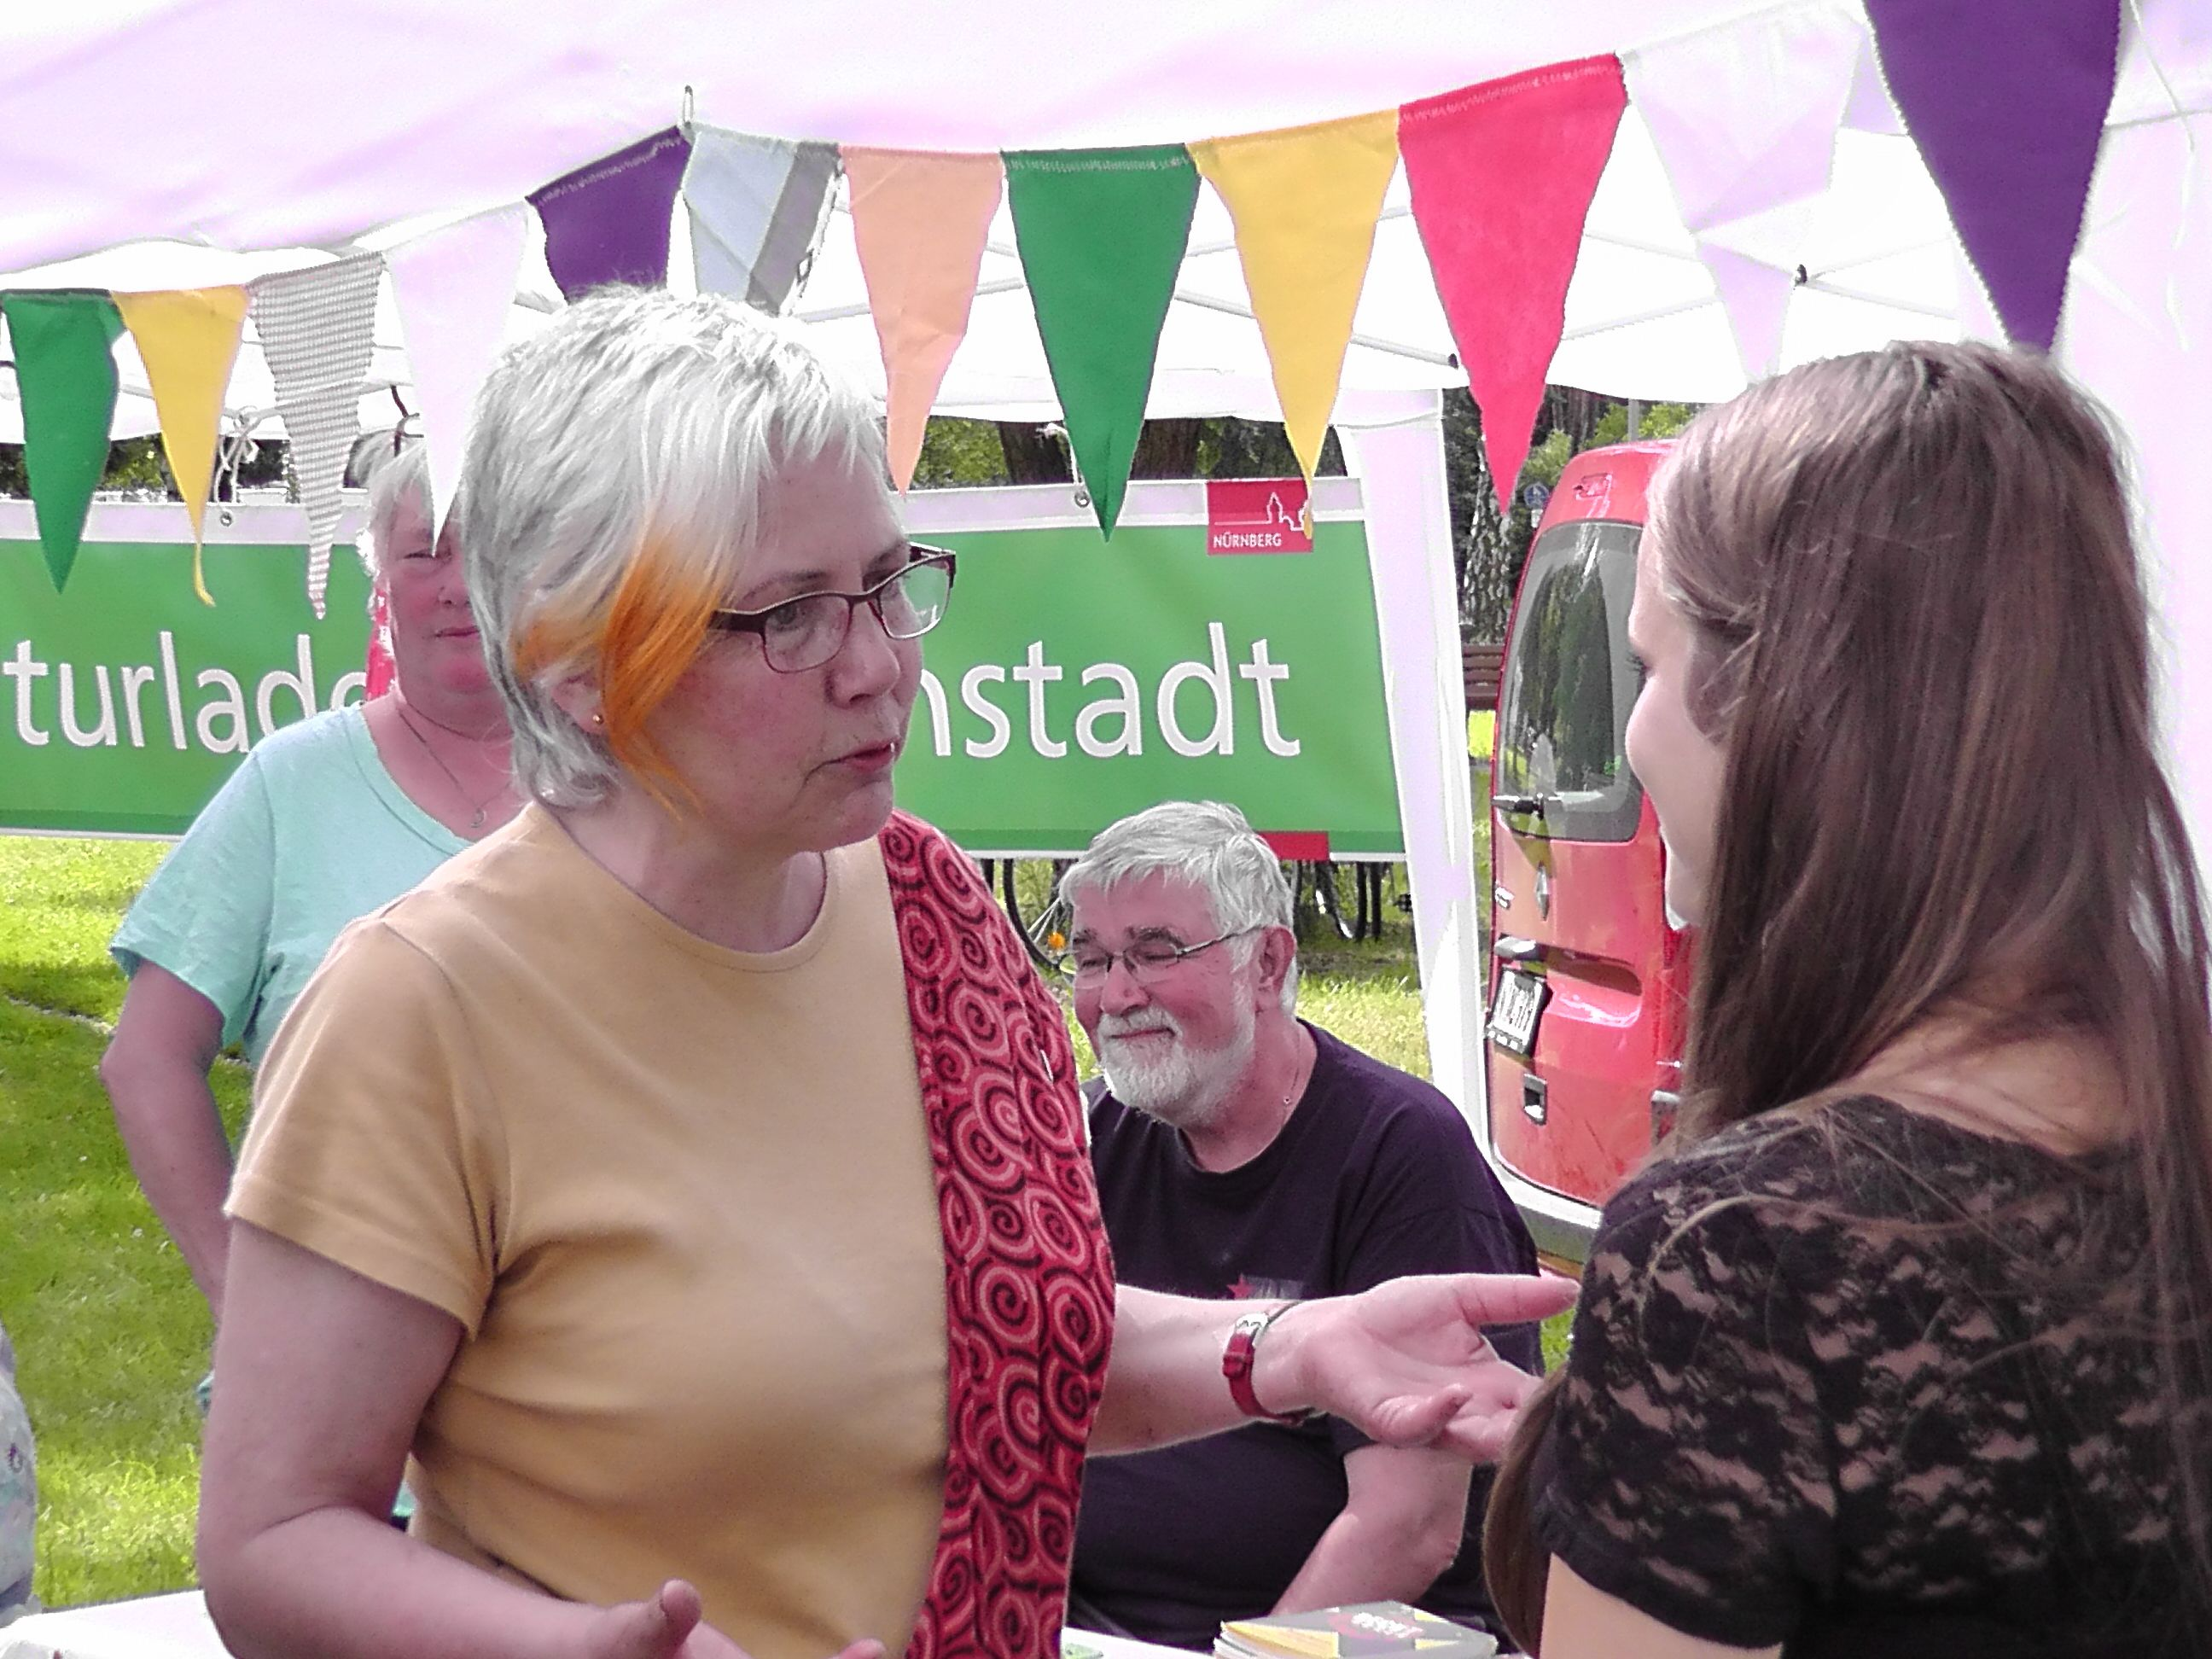 Stadtteilfest 2013 Bunter Tisch Gartenstadt